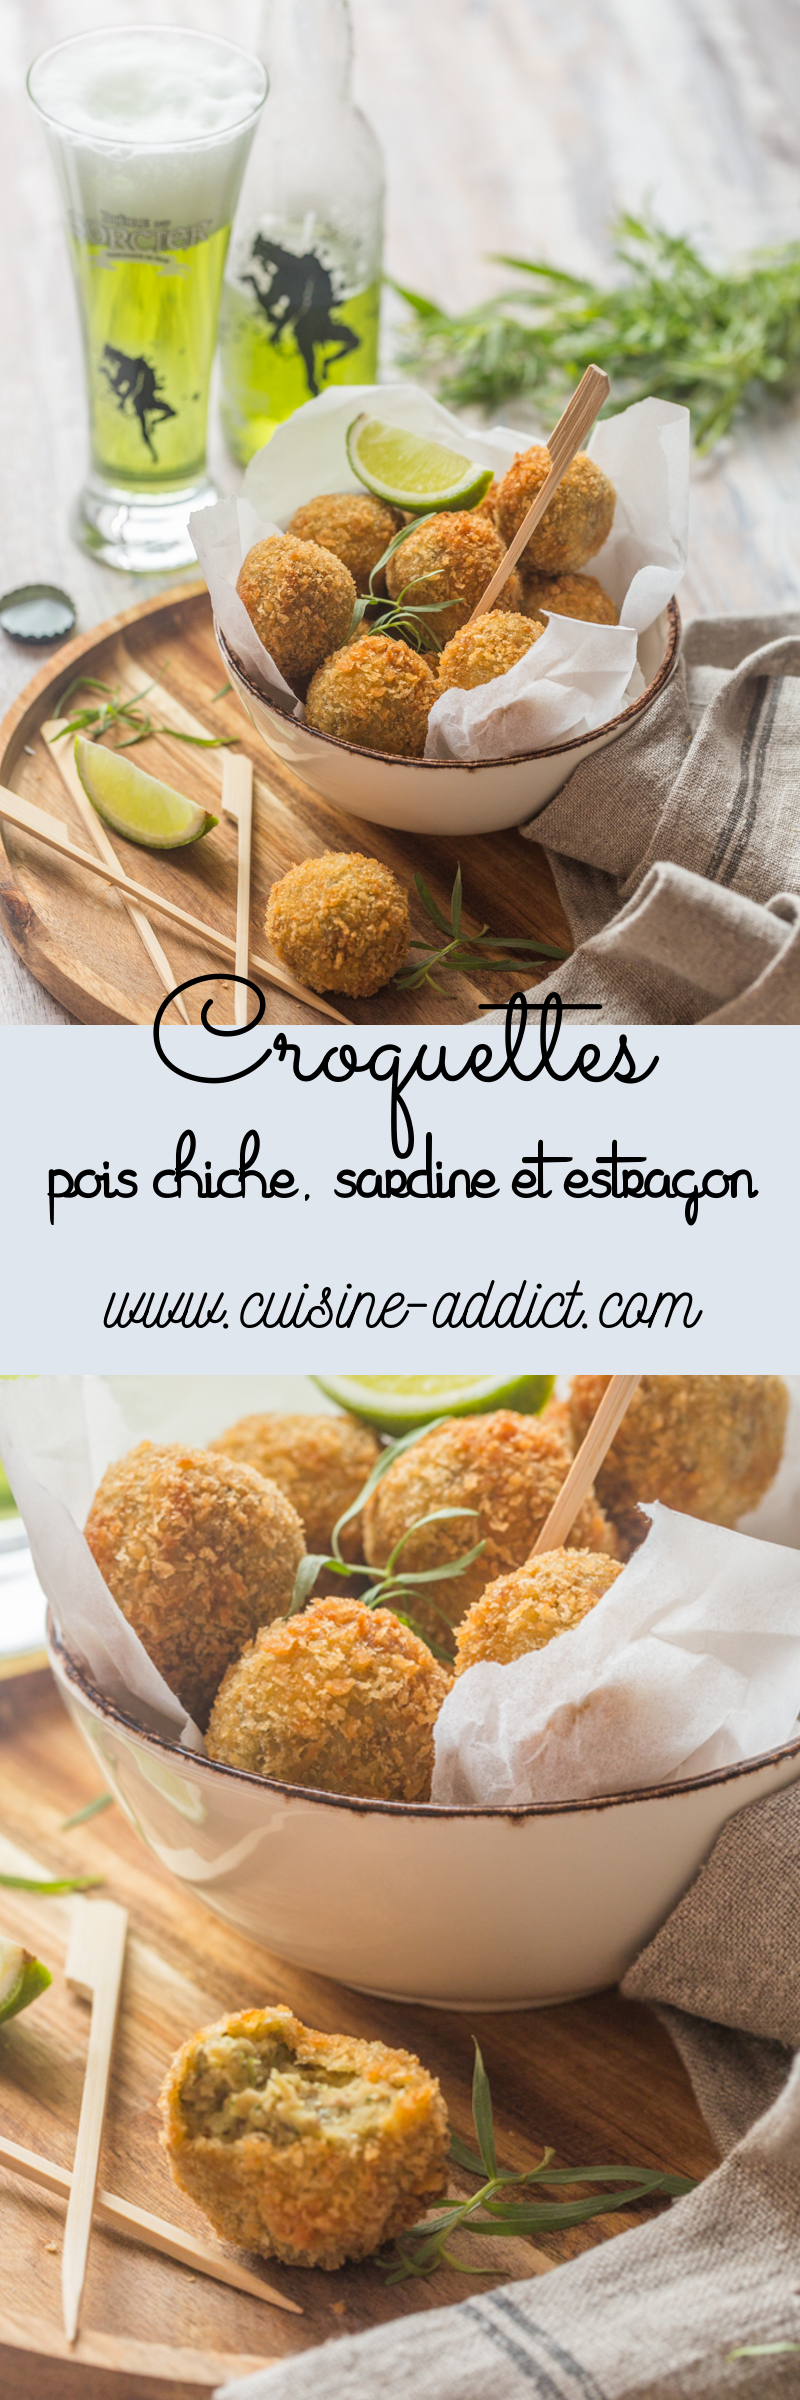 Croquettes de Pois chiche & Sardines à l'Estragon